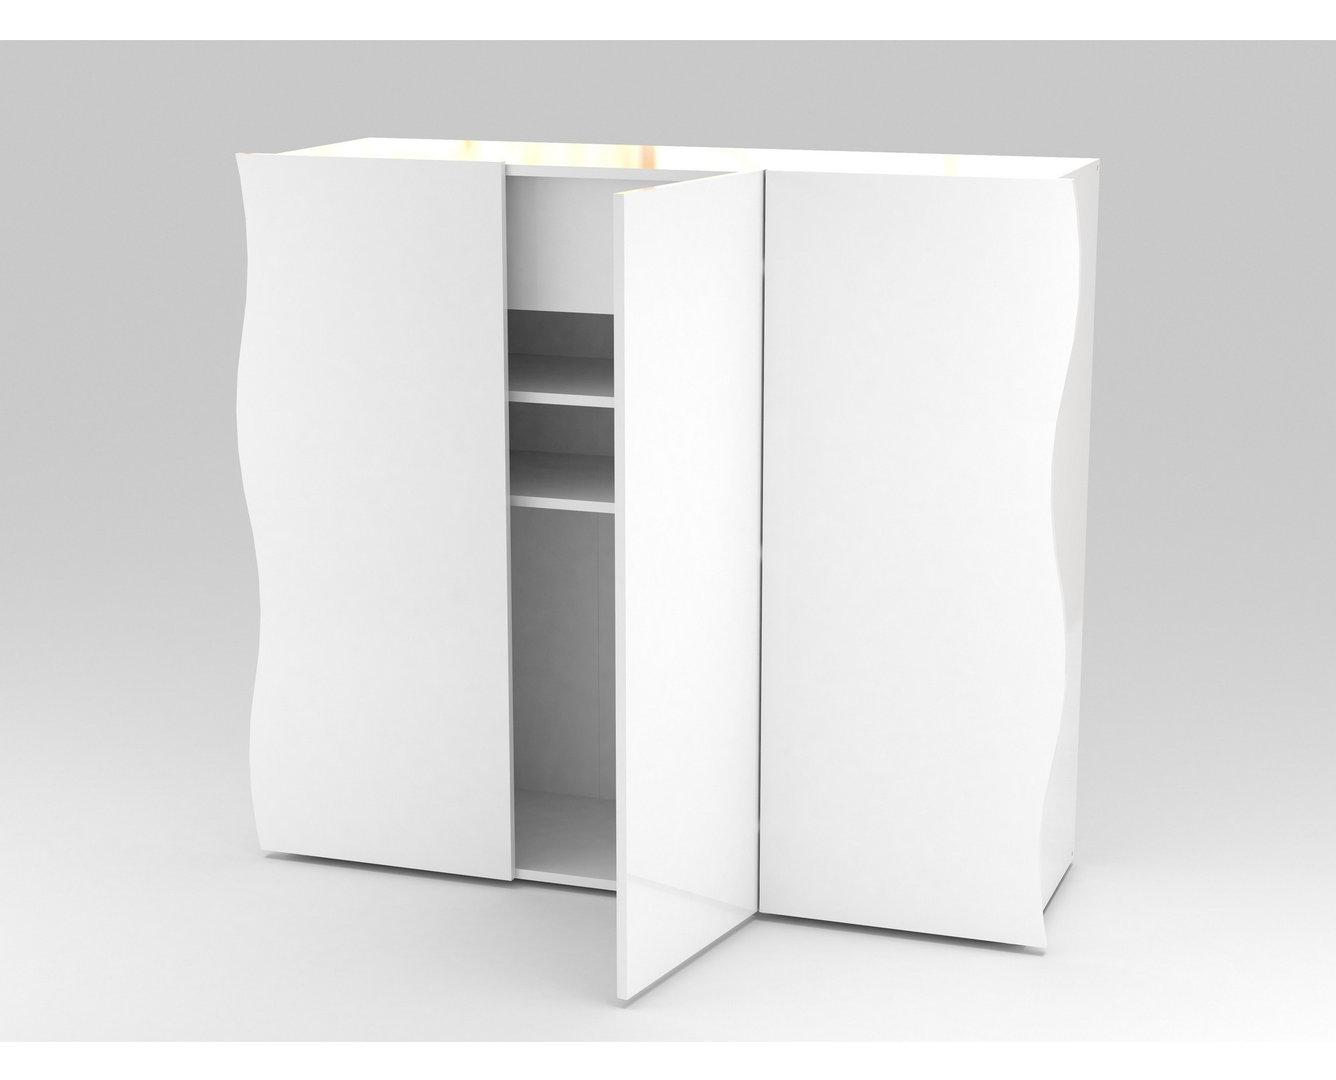 Entrata moderna goccia xl mobili per ingresso - Mobili ingresso con specchio ...